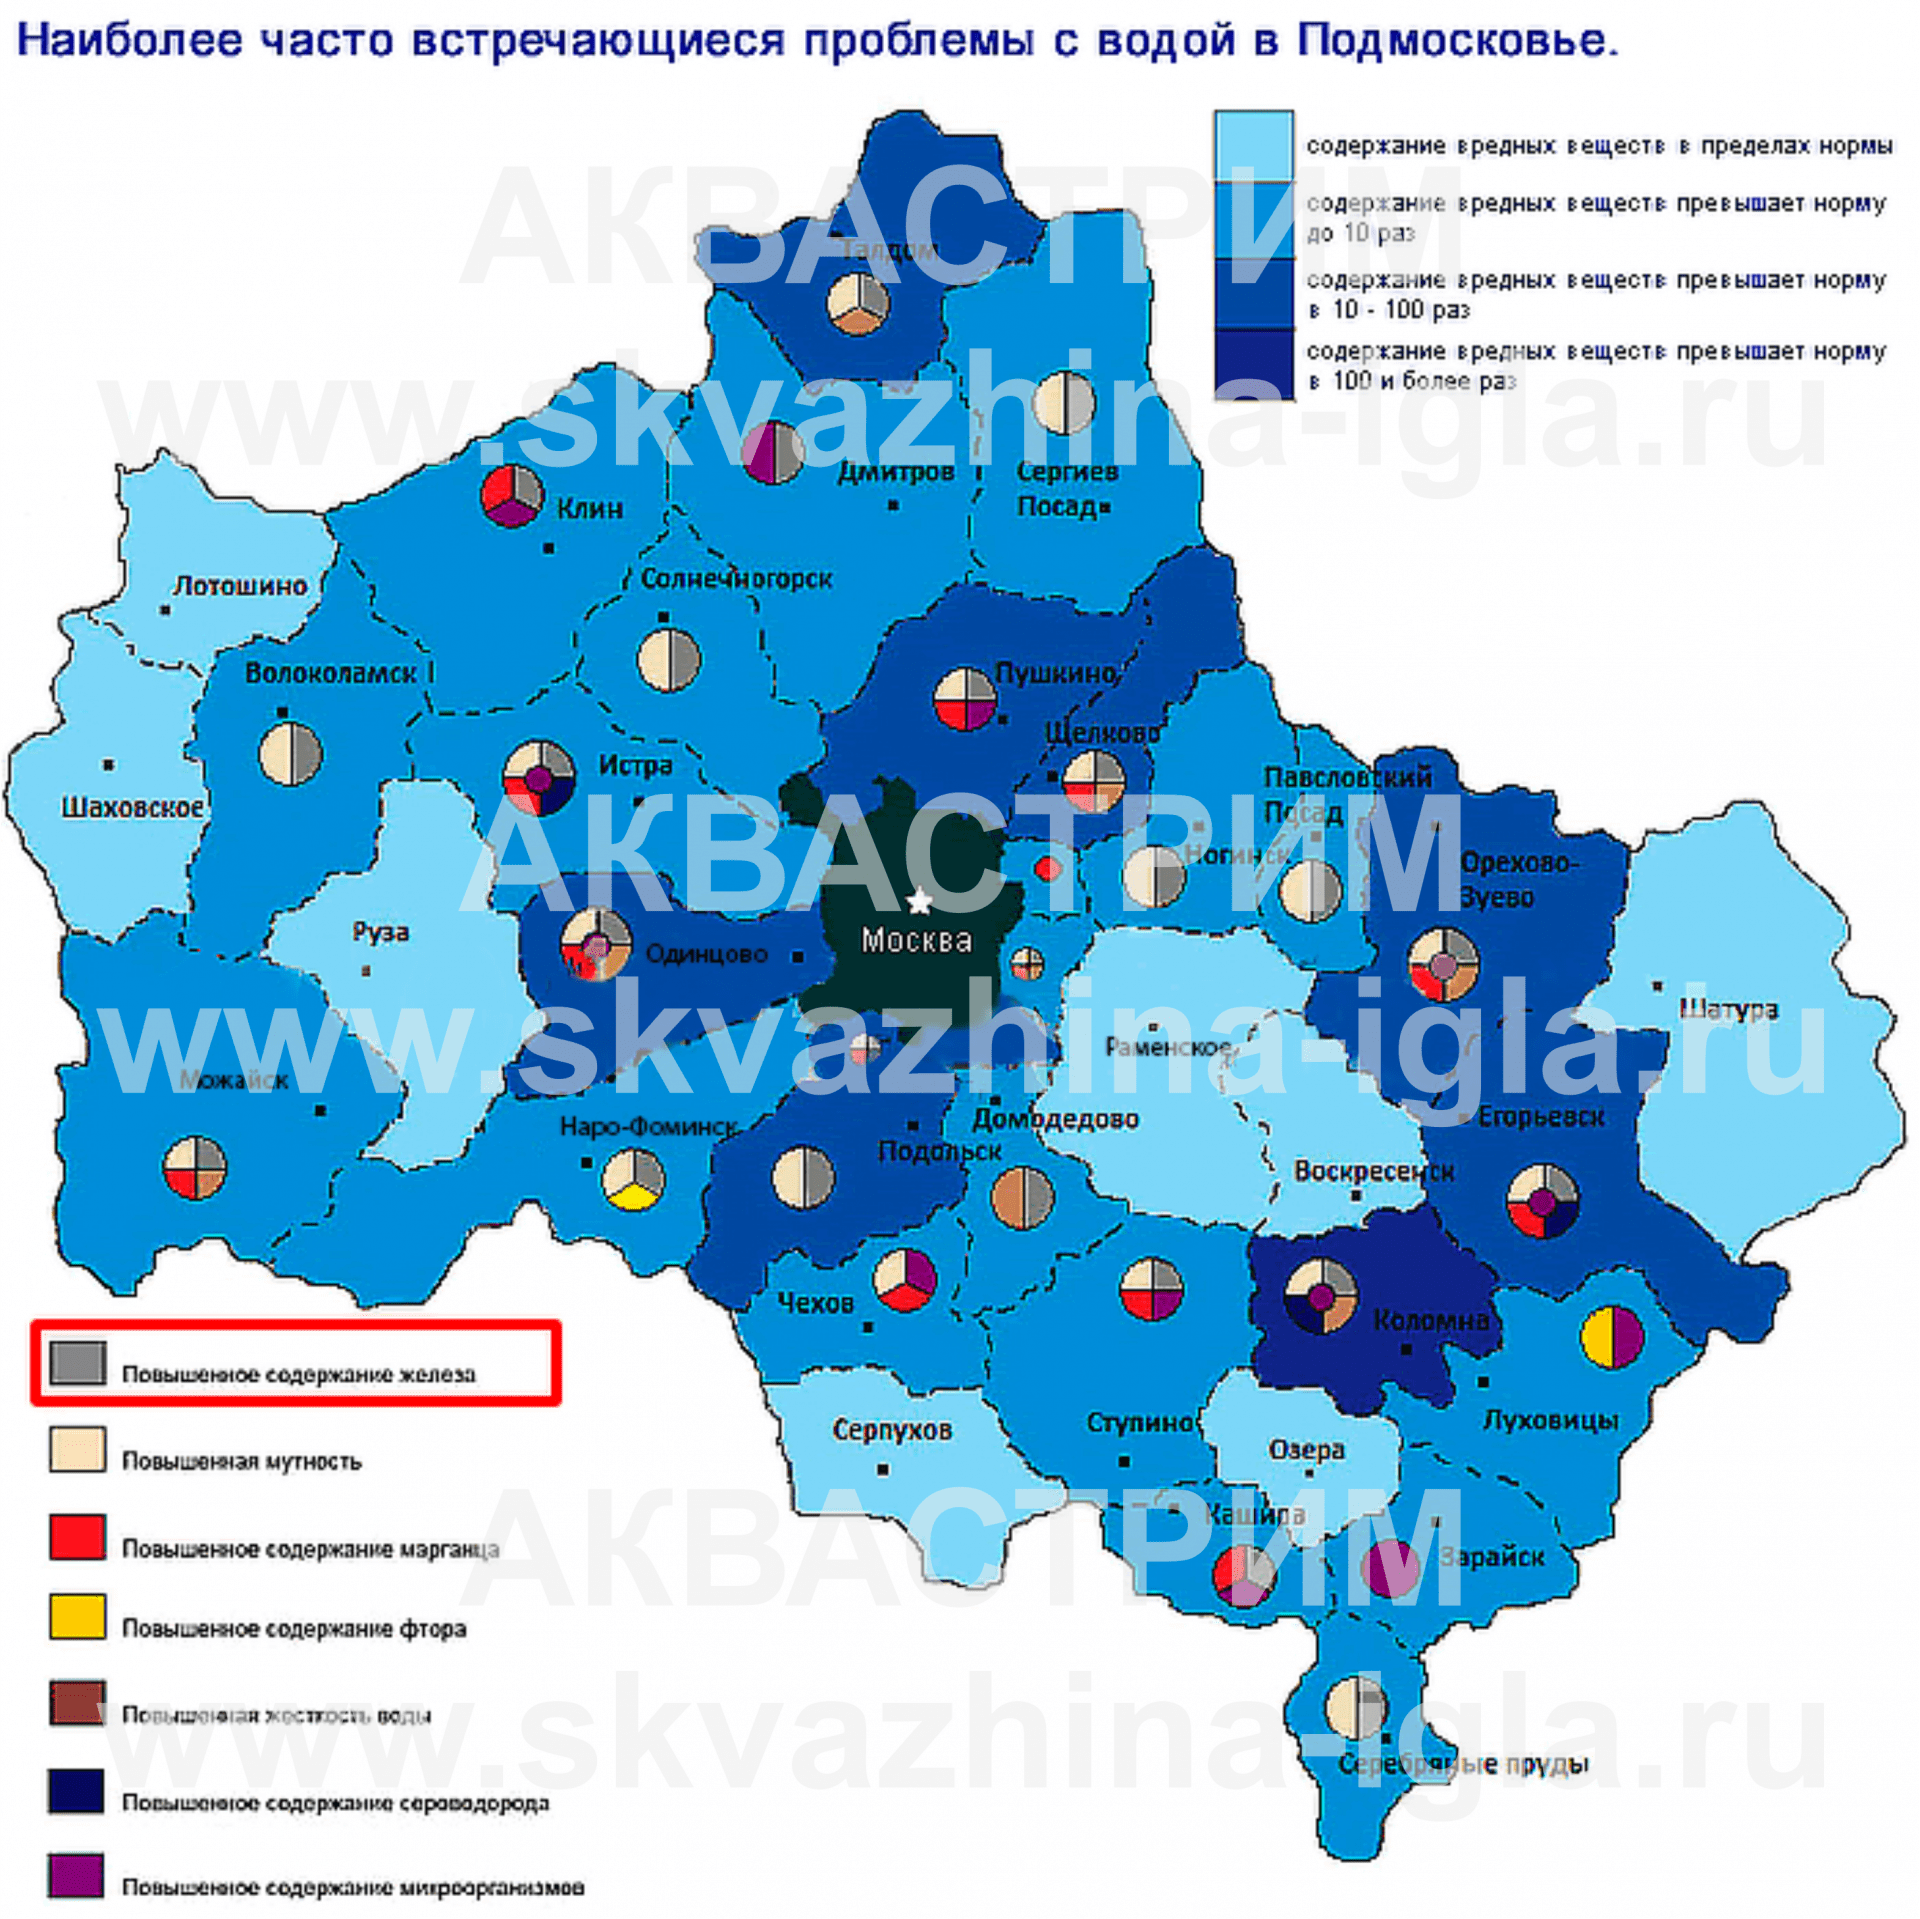 Типы загрязнения воды в Московской области